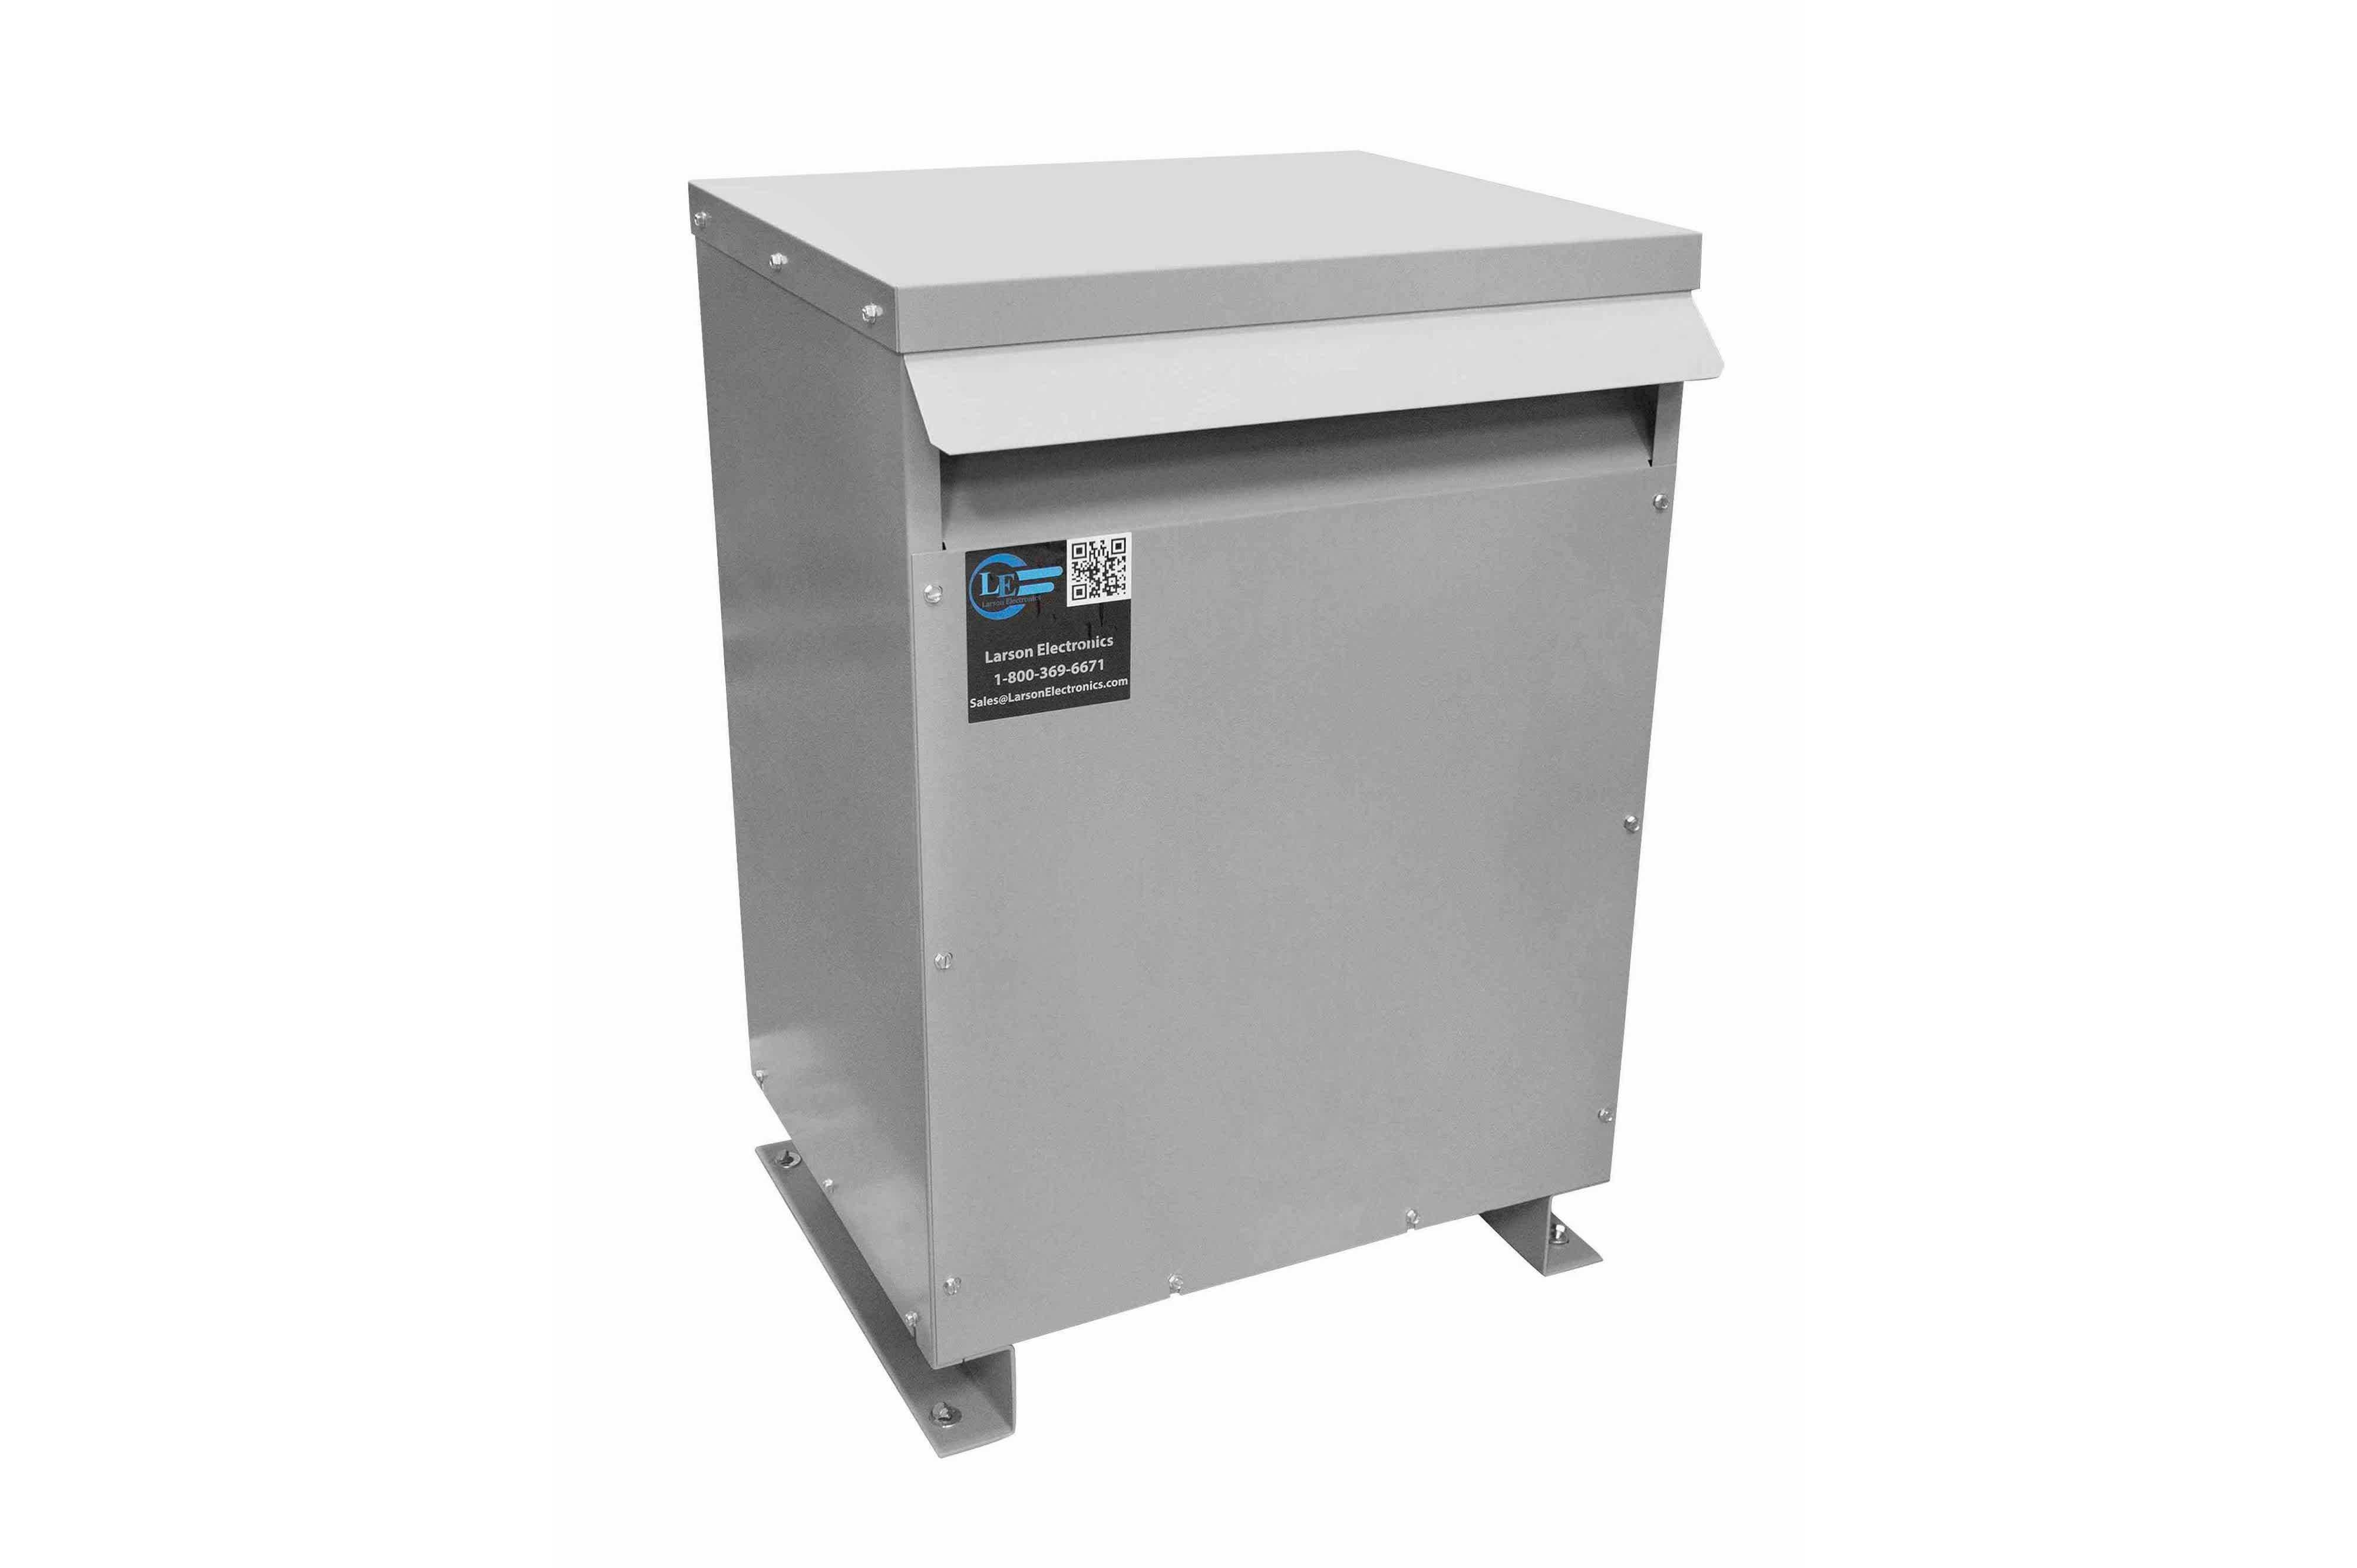 47.5 kVA 3PH Isolation Transformer, 460V Delta Primary, 600V Delta Secondary, N3R, Ventilated, 60 Hz